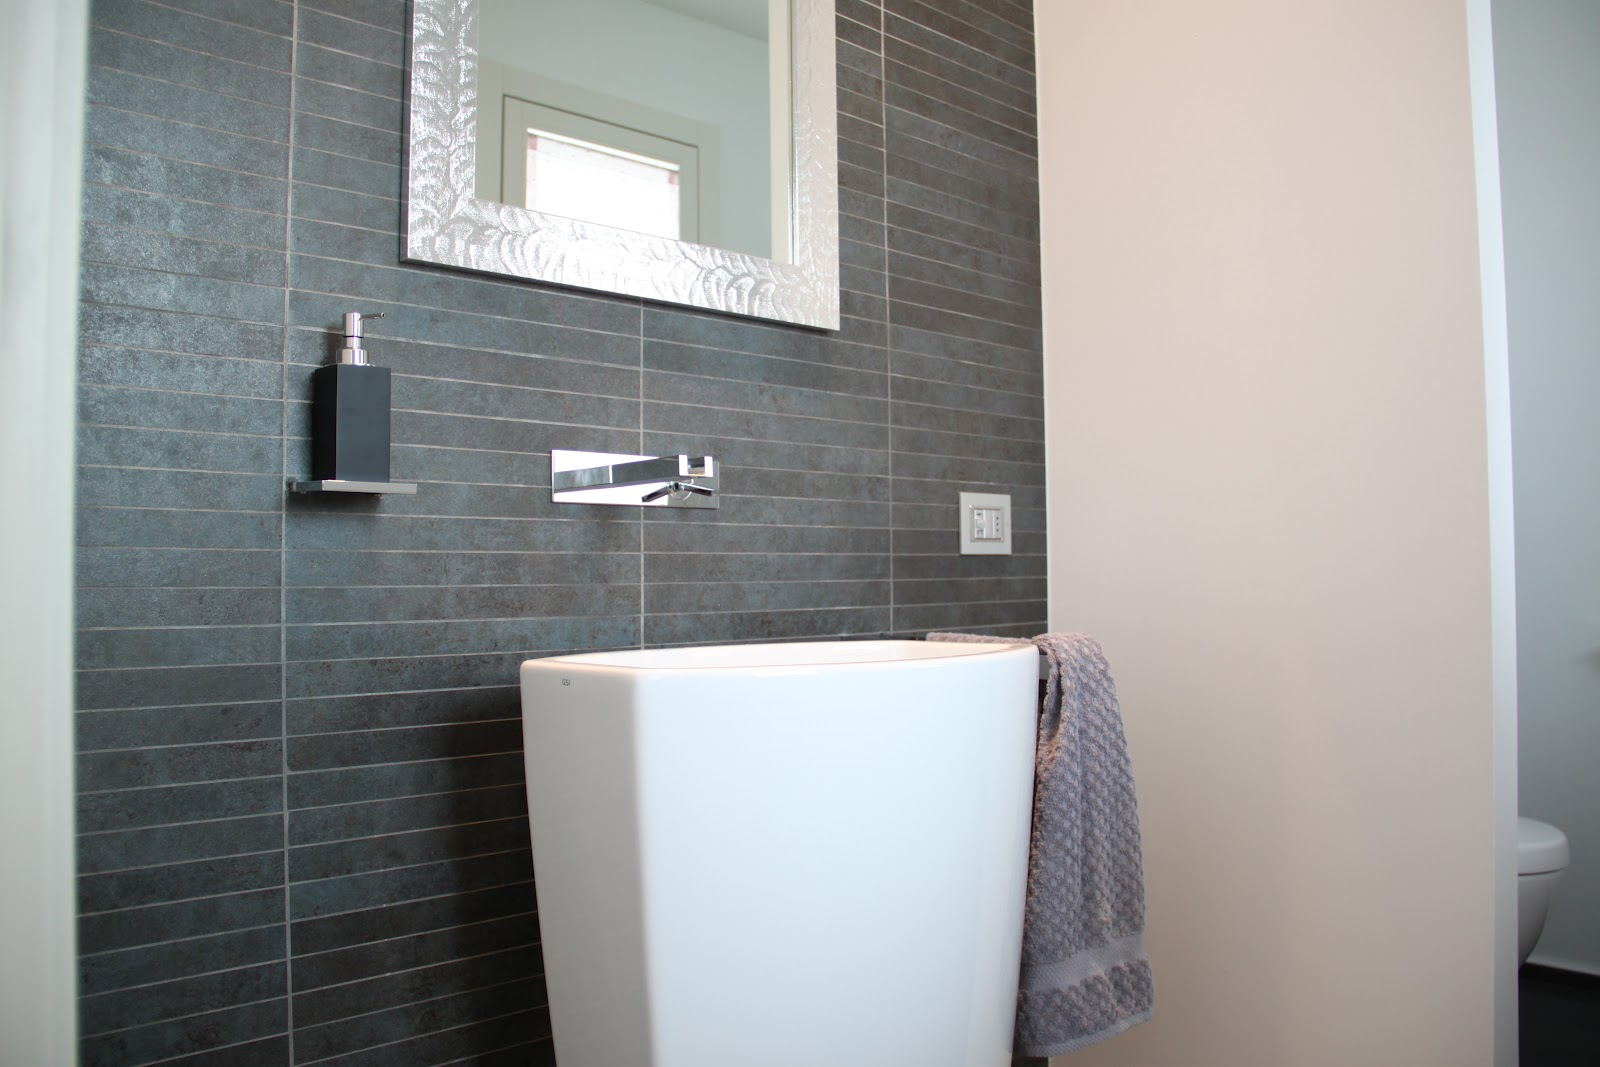 Come ristrutturare un bagno piccolo xk88 regardsdefemmes - Ristrutturare bagno piccolo ...